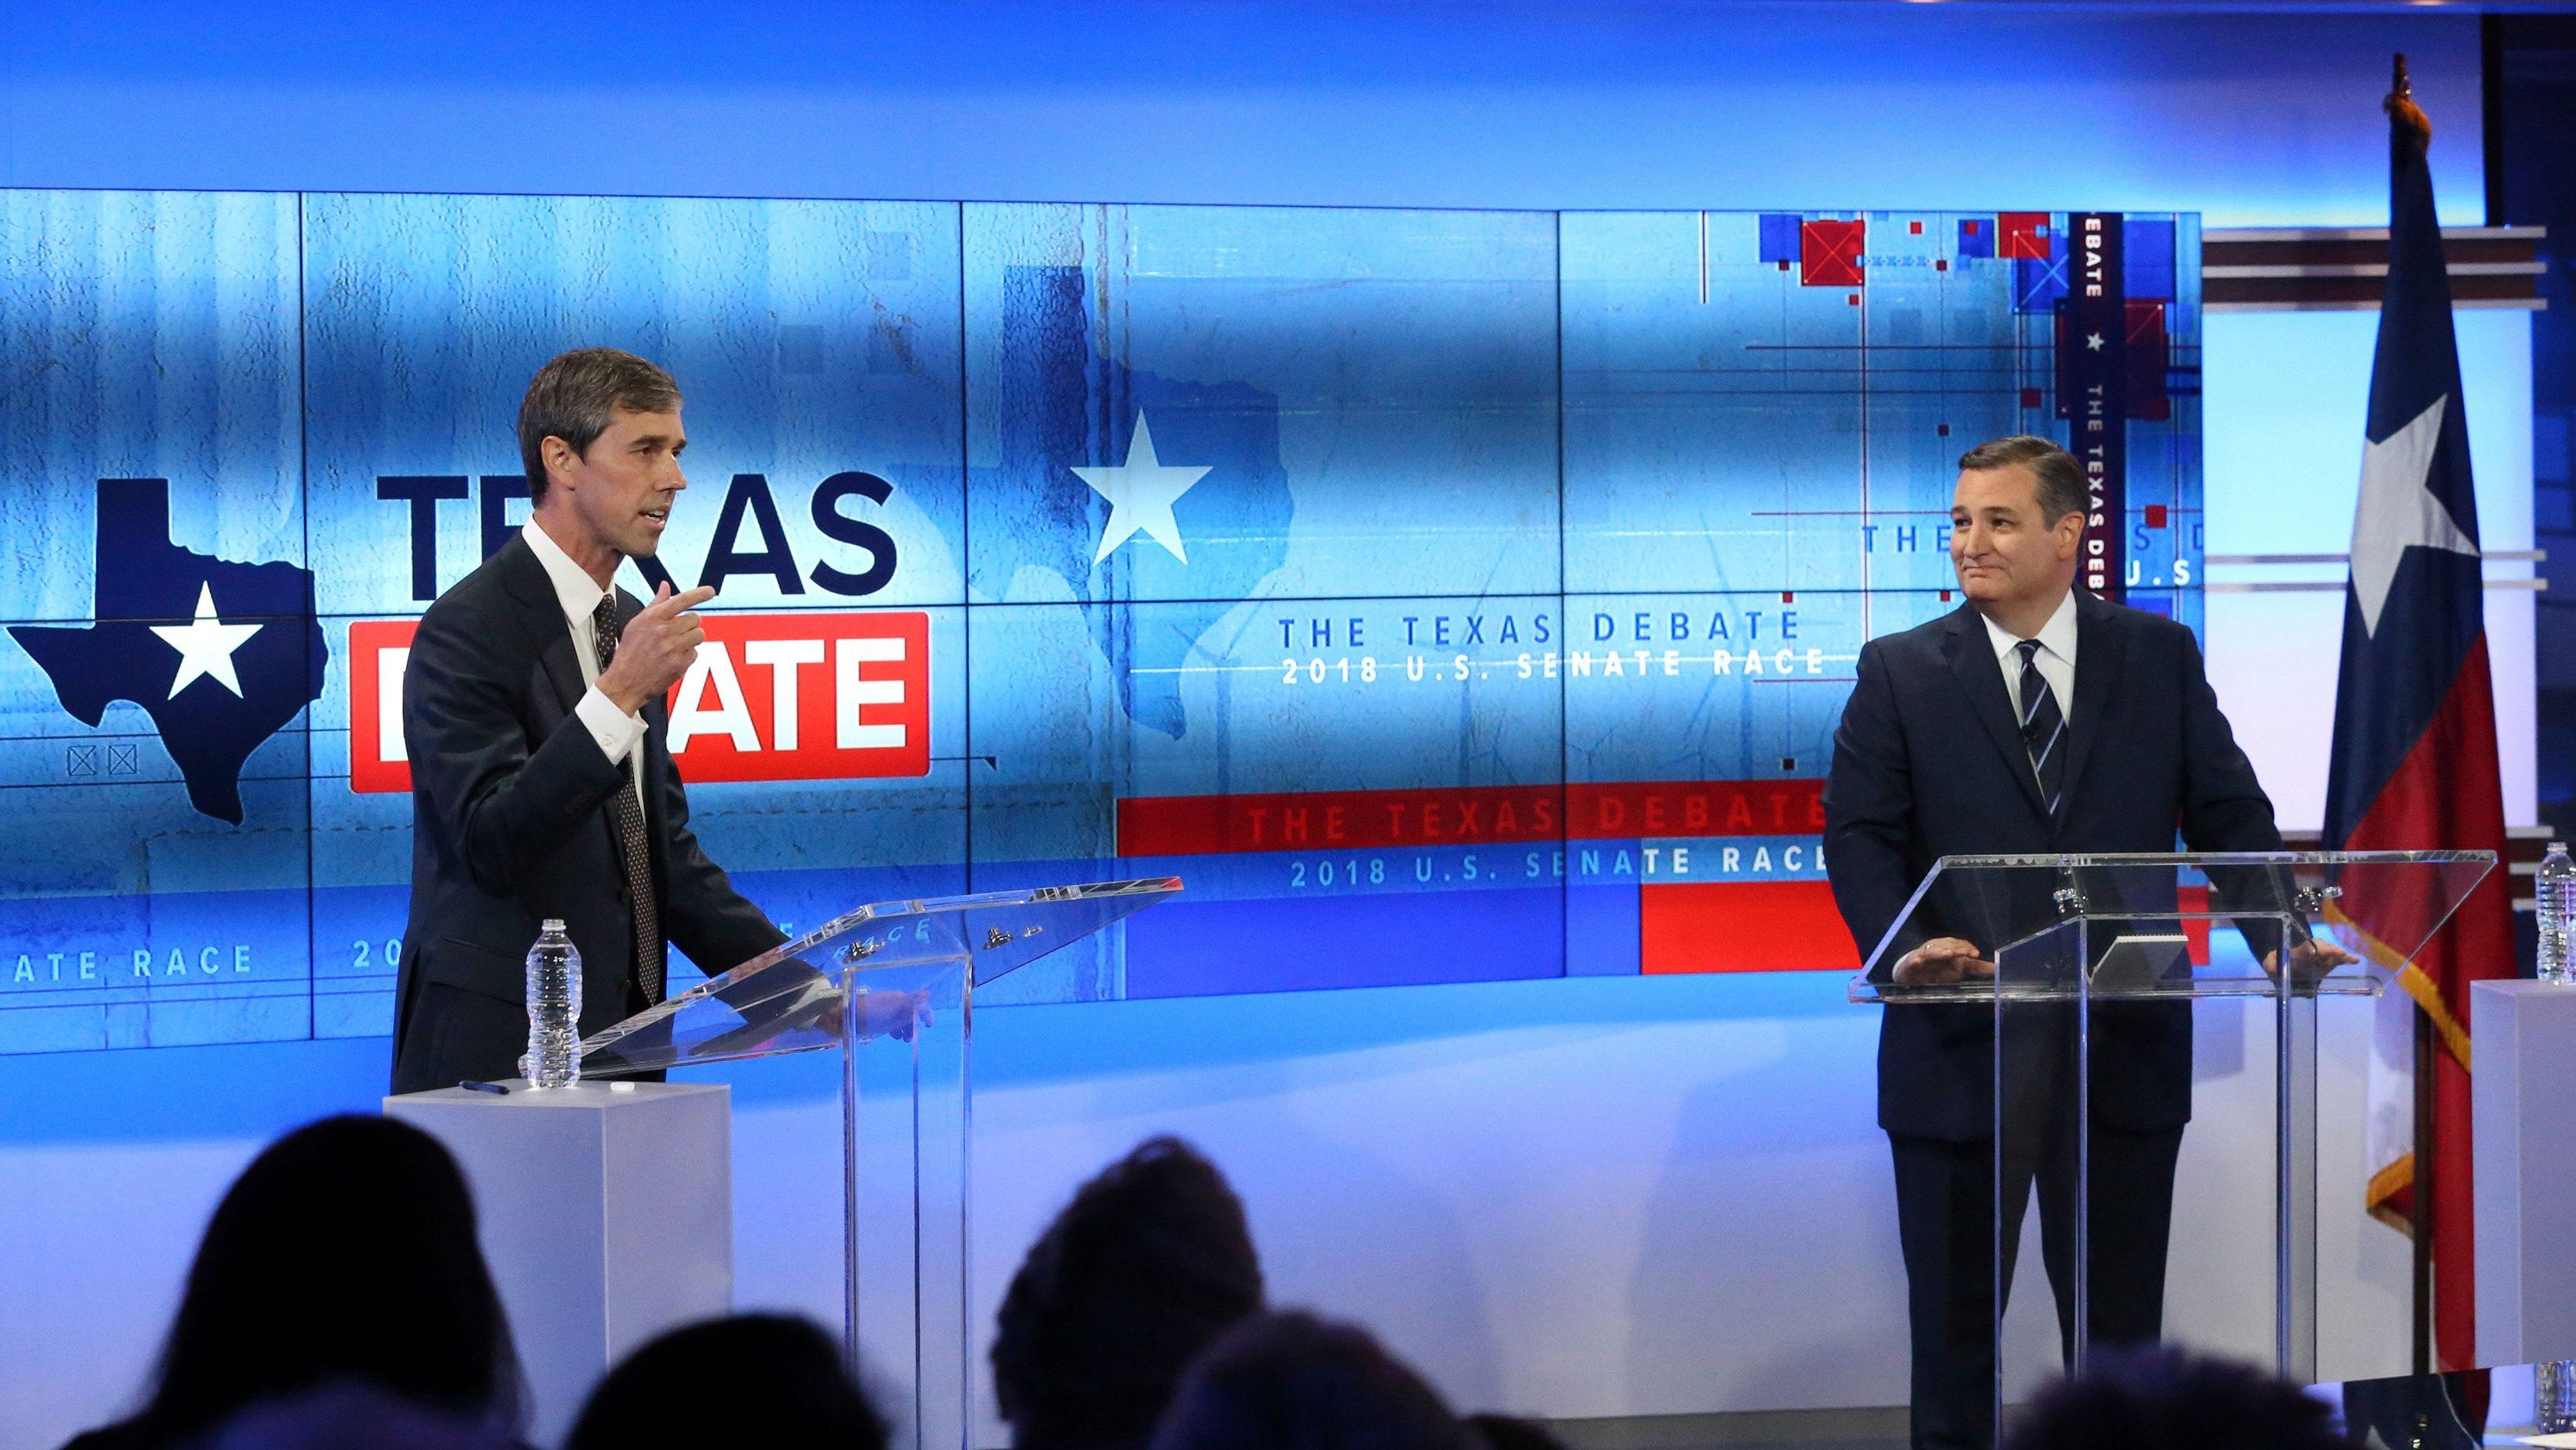 U.S. Rep. Beto O'Rourke, D-Texas, left, and U.S. Sen. Ted Cruz, R-Texas, right, take part in a debate for the Texas U.S. Senate